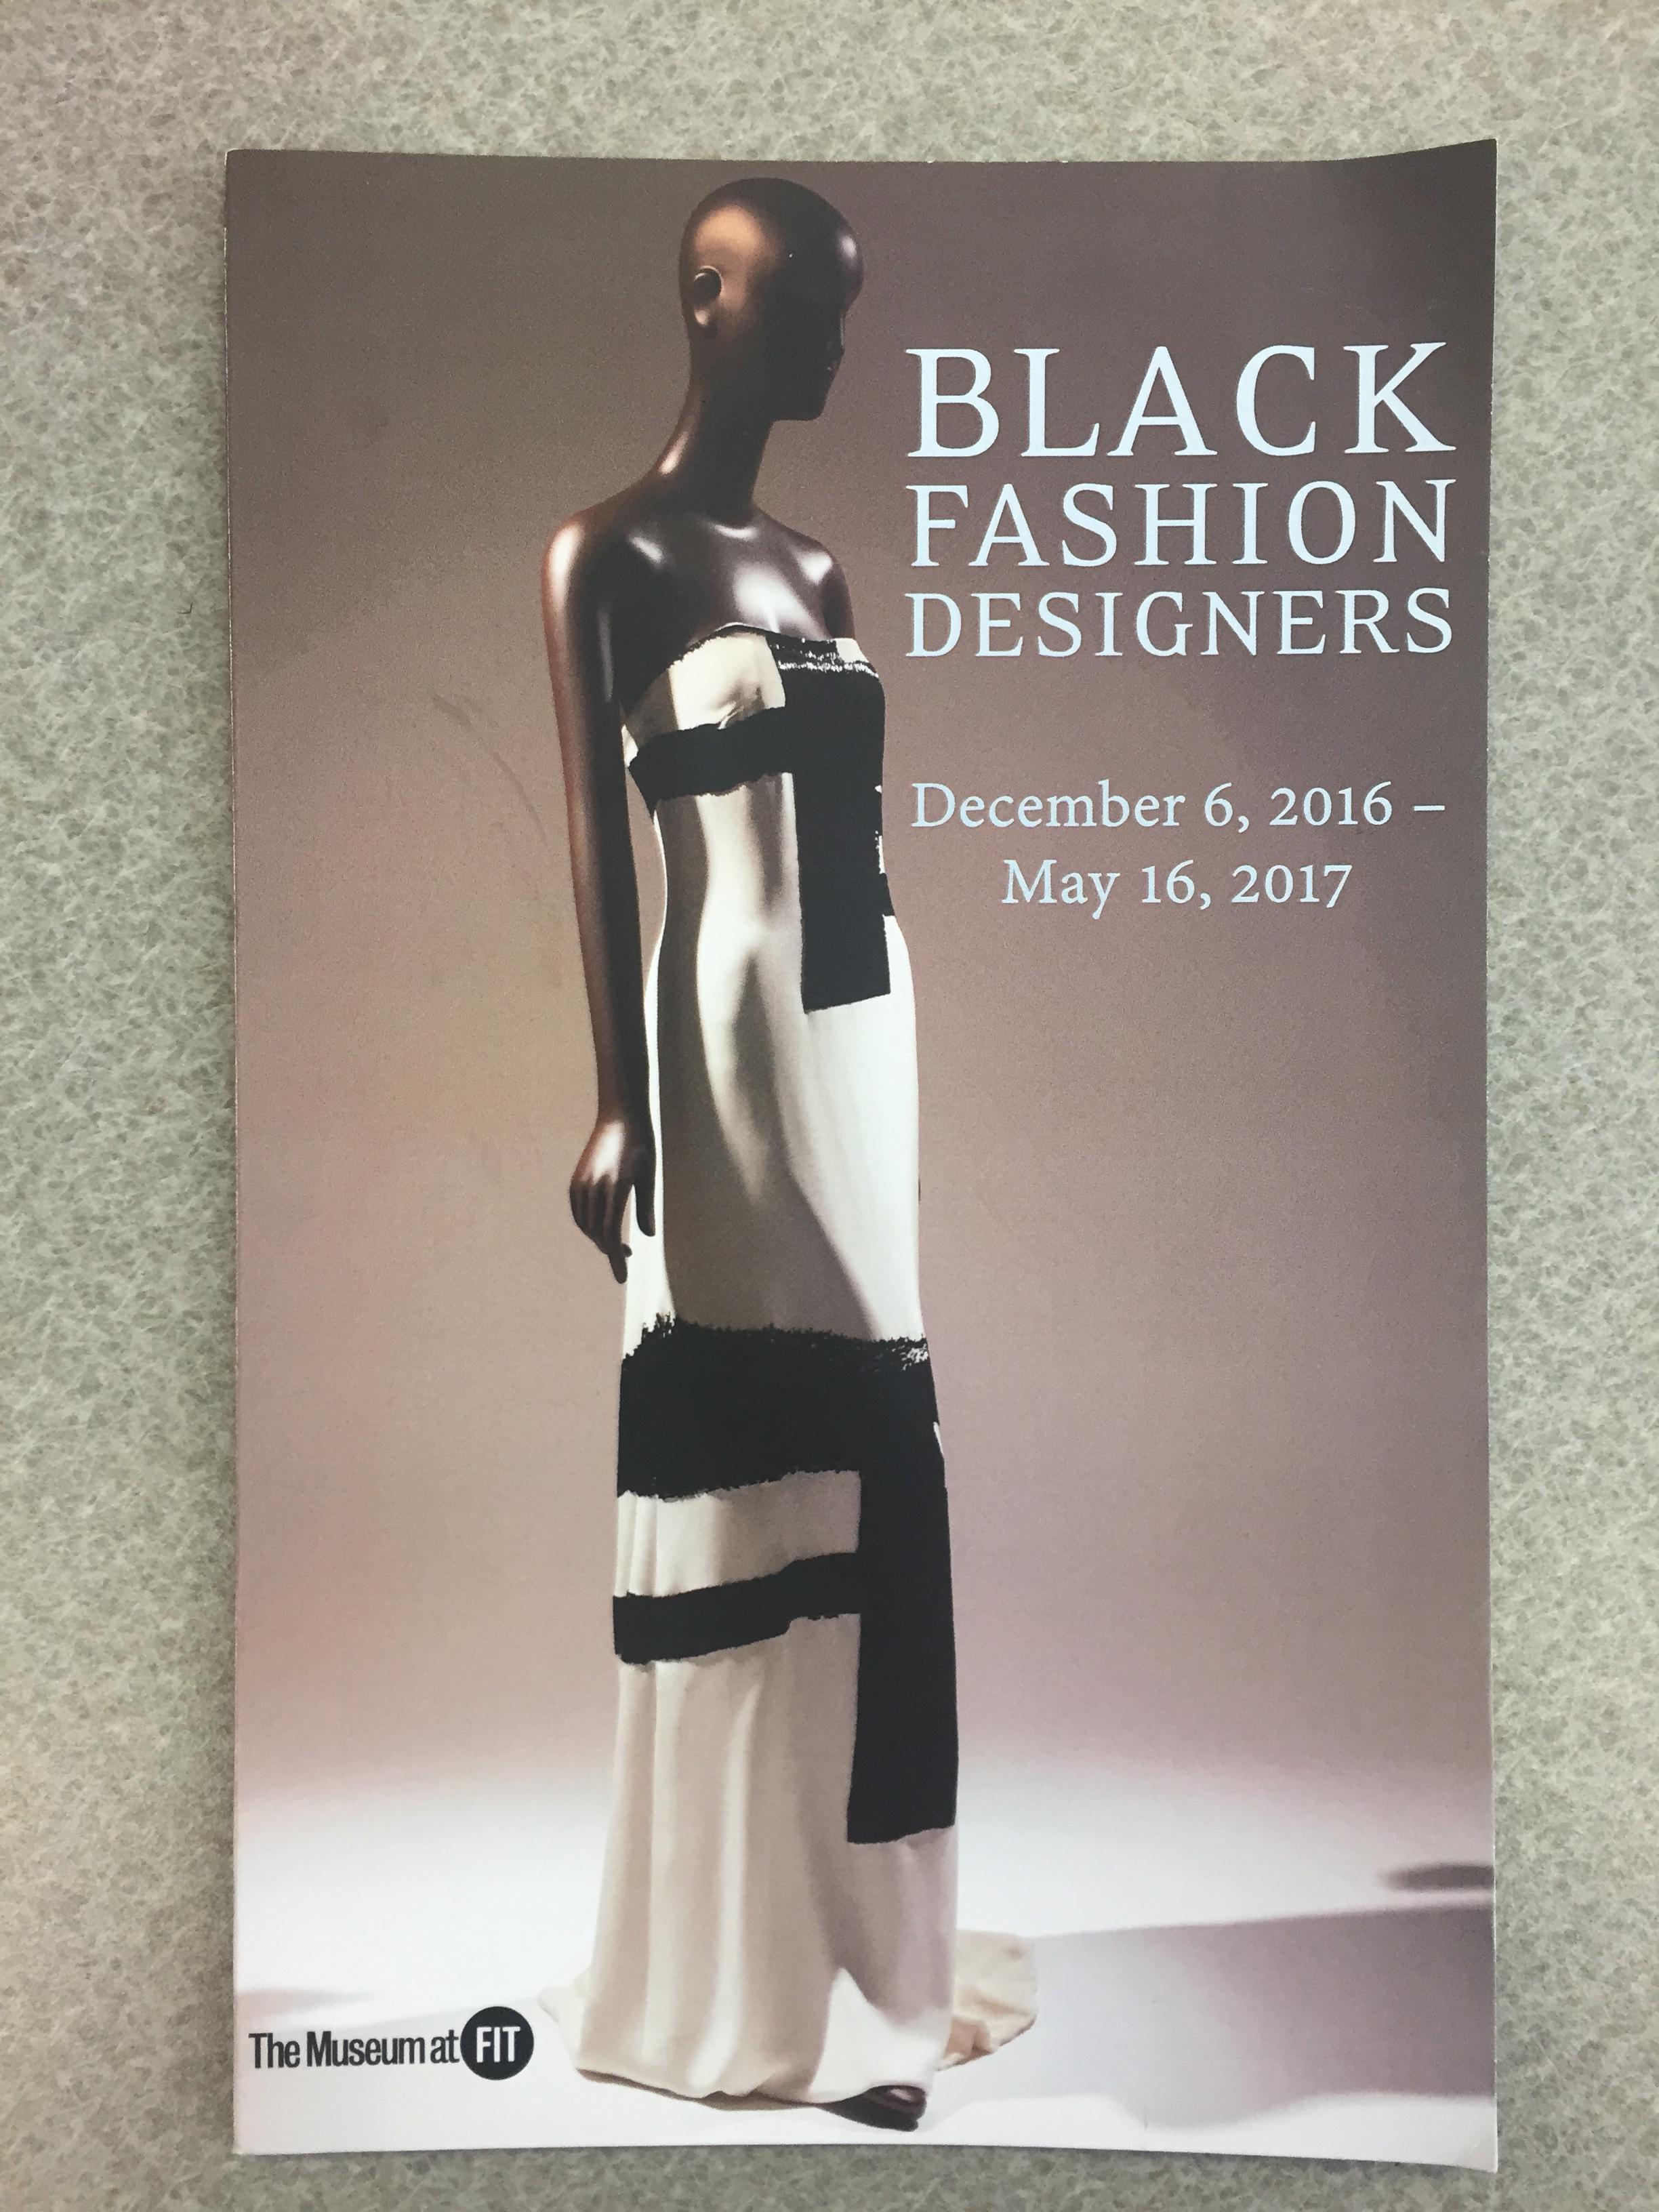 Black Fashion Designers .JPG